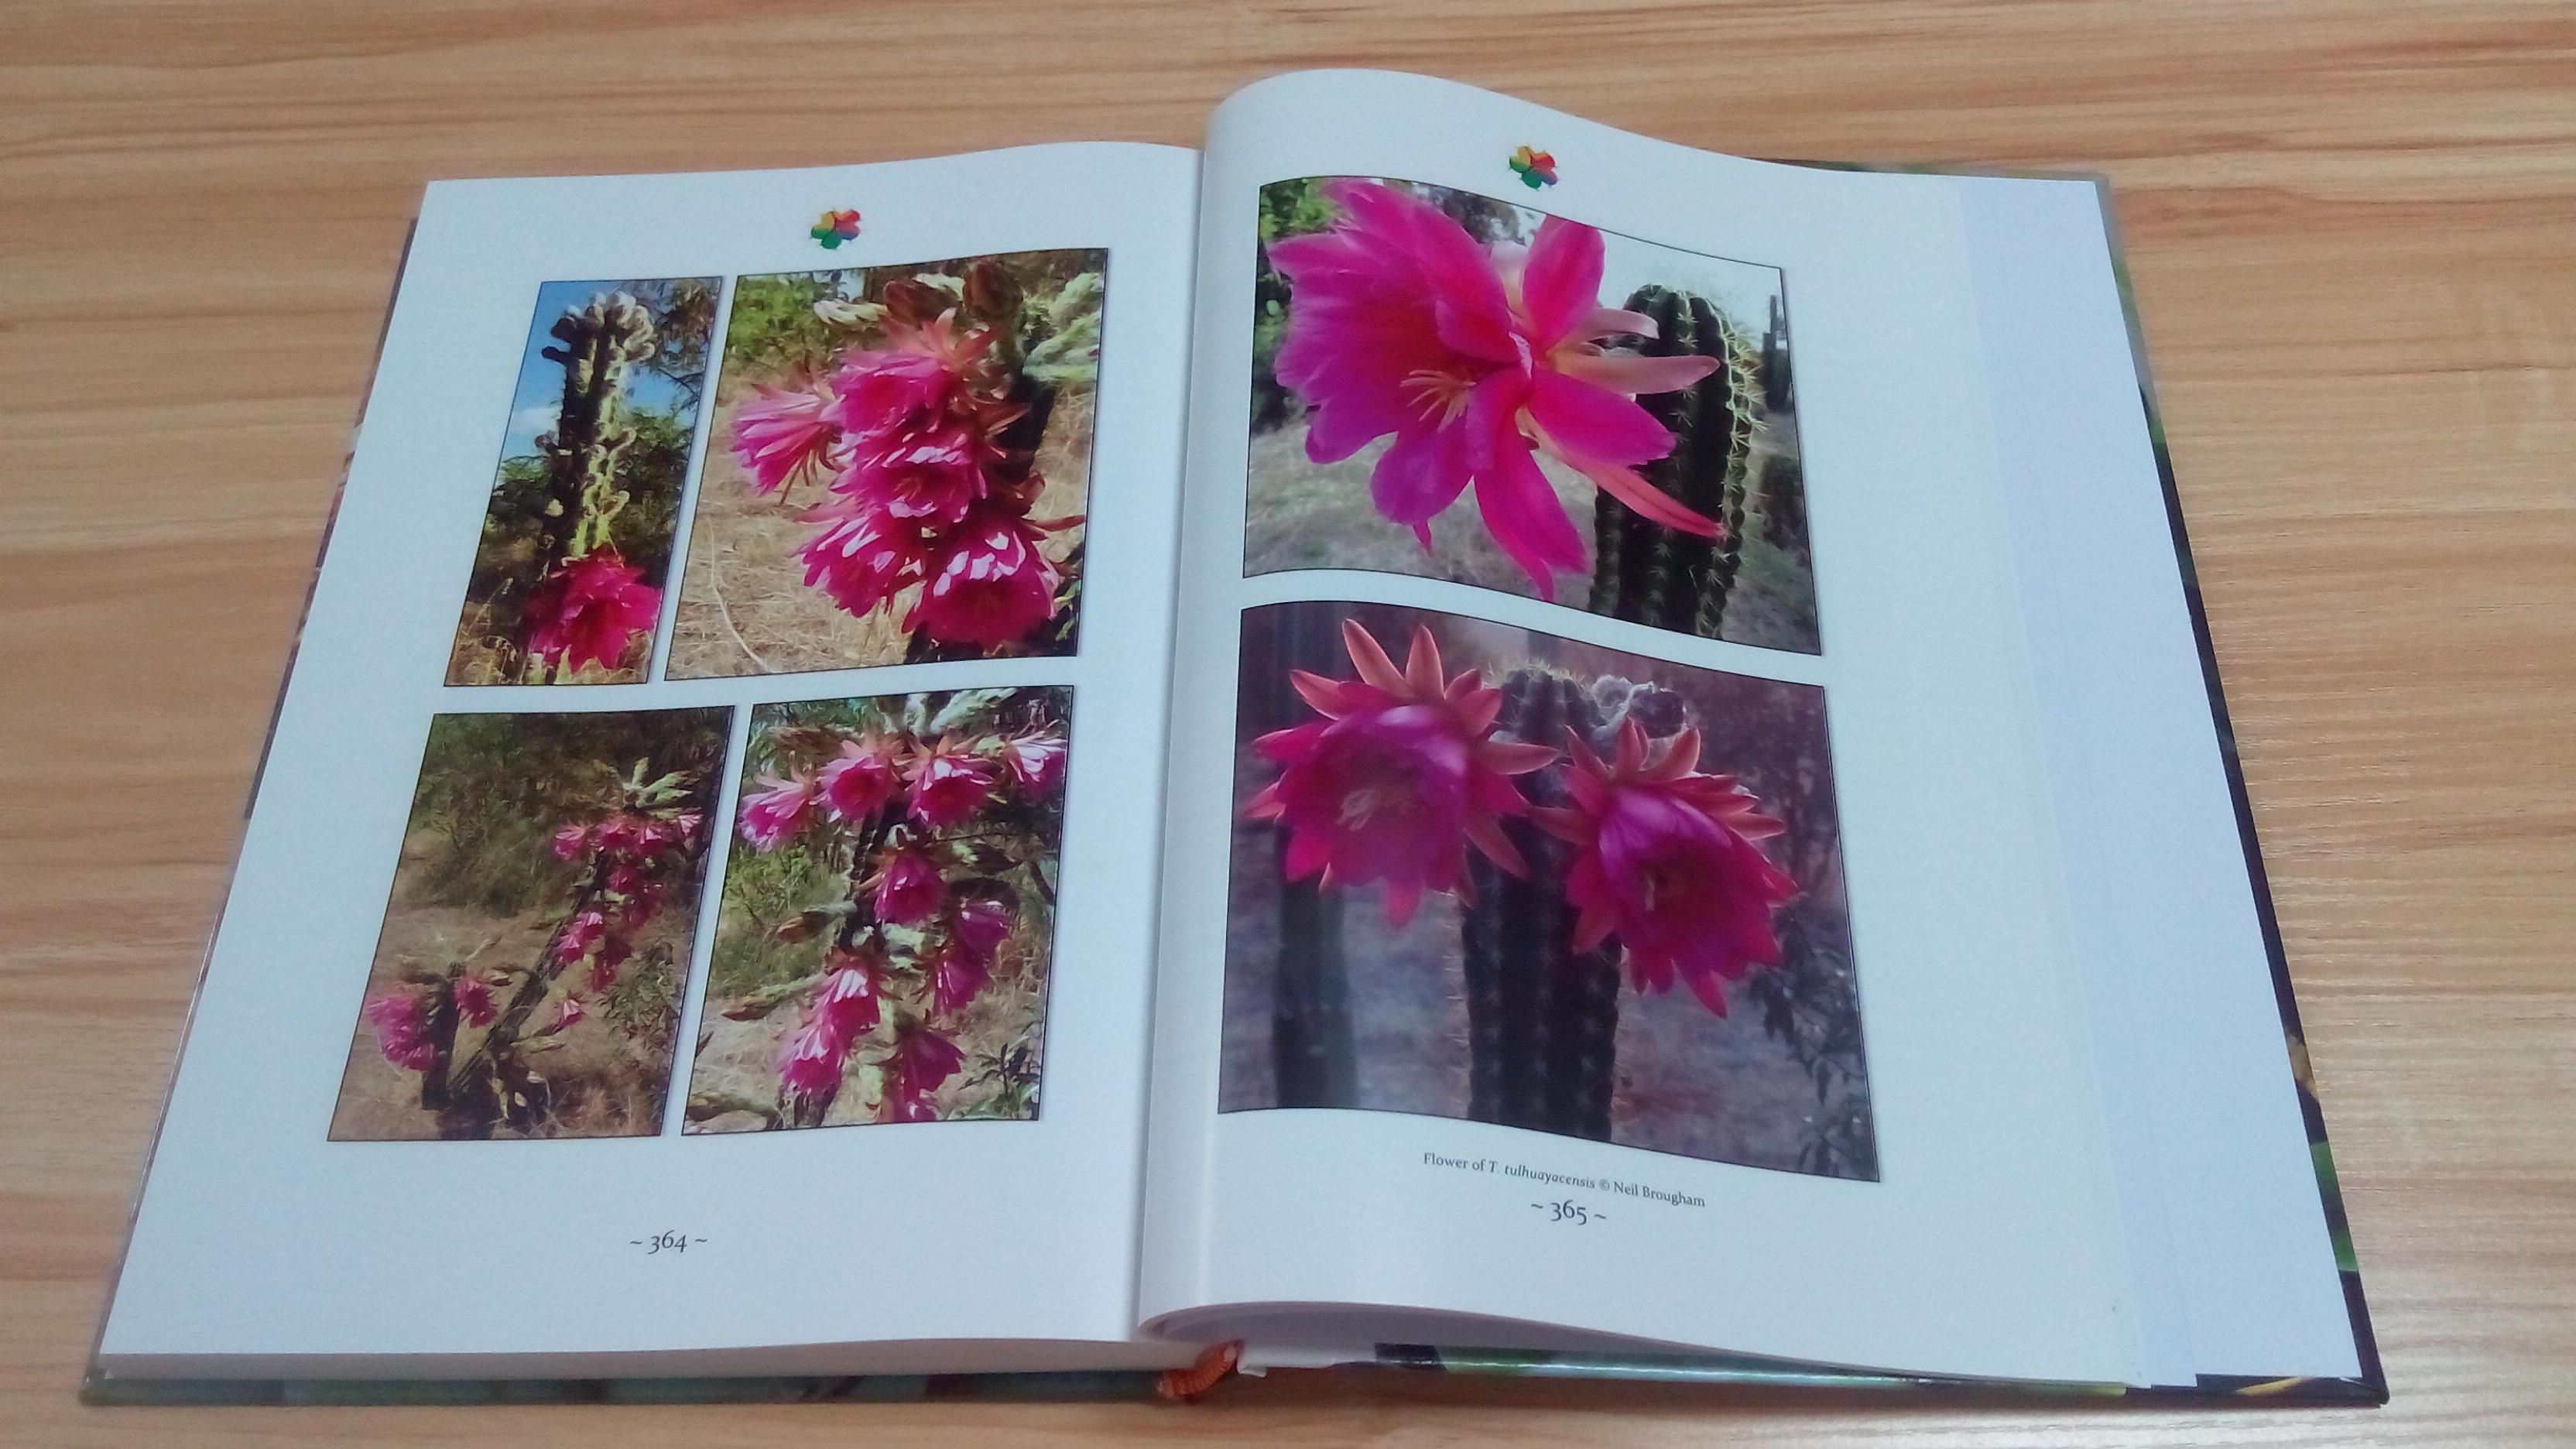 Trichocereus book Volume 1 Echinopsis cactus book 10